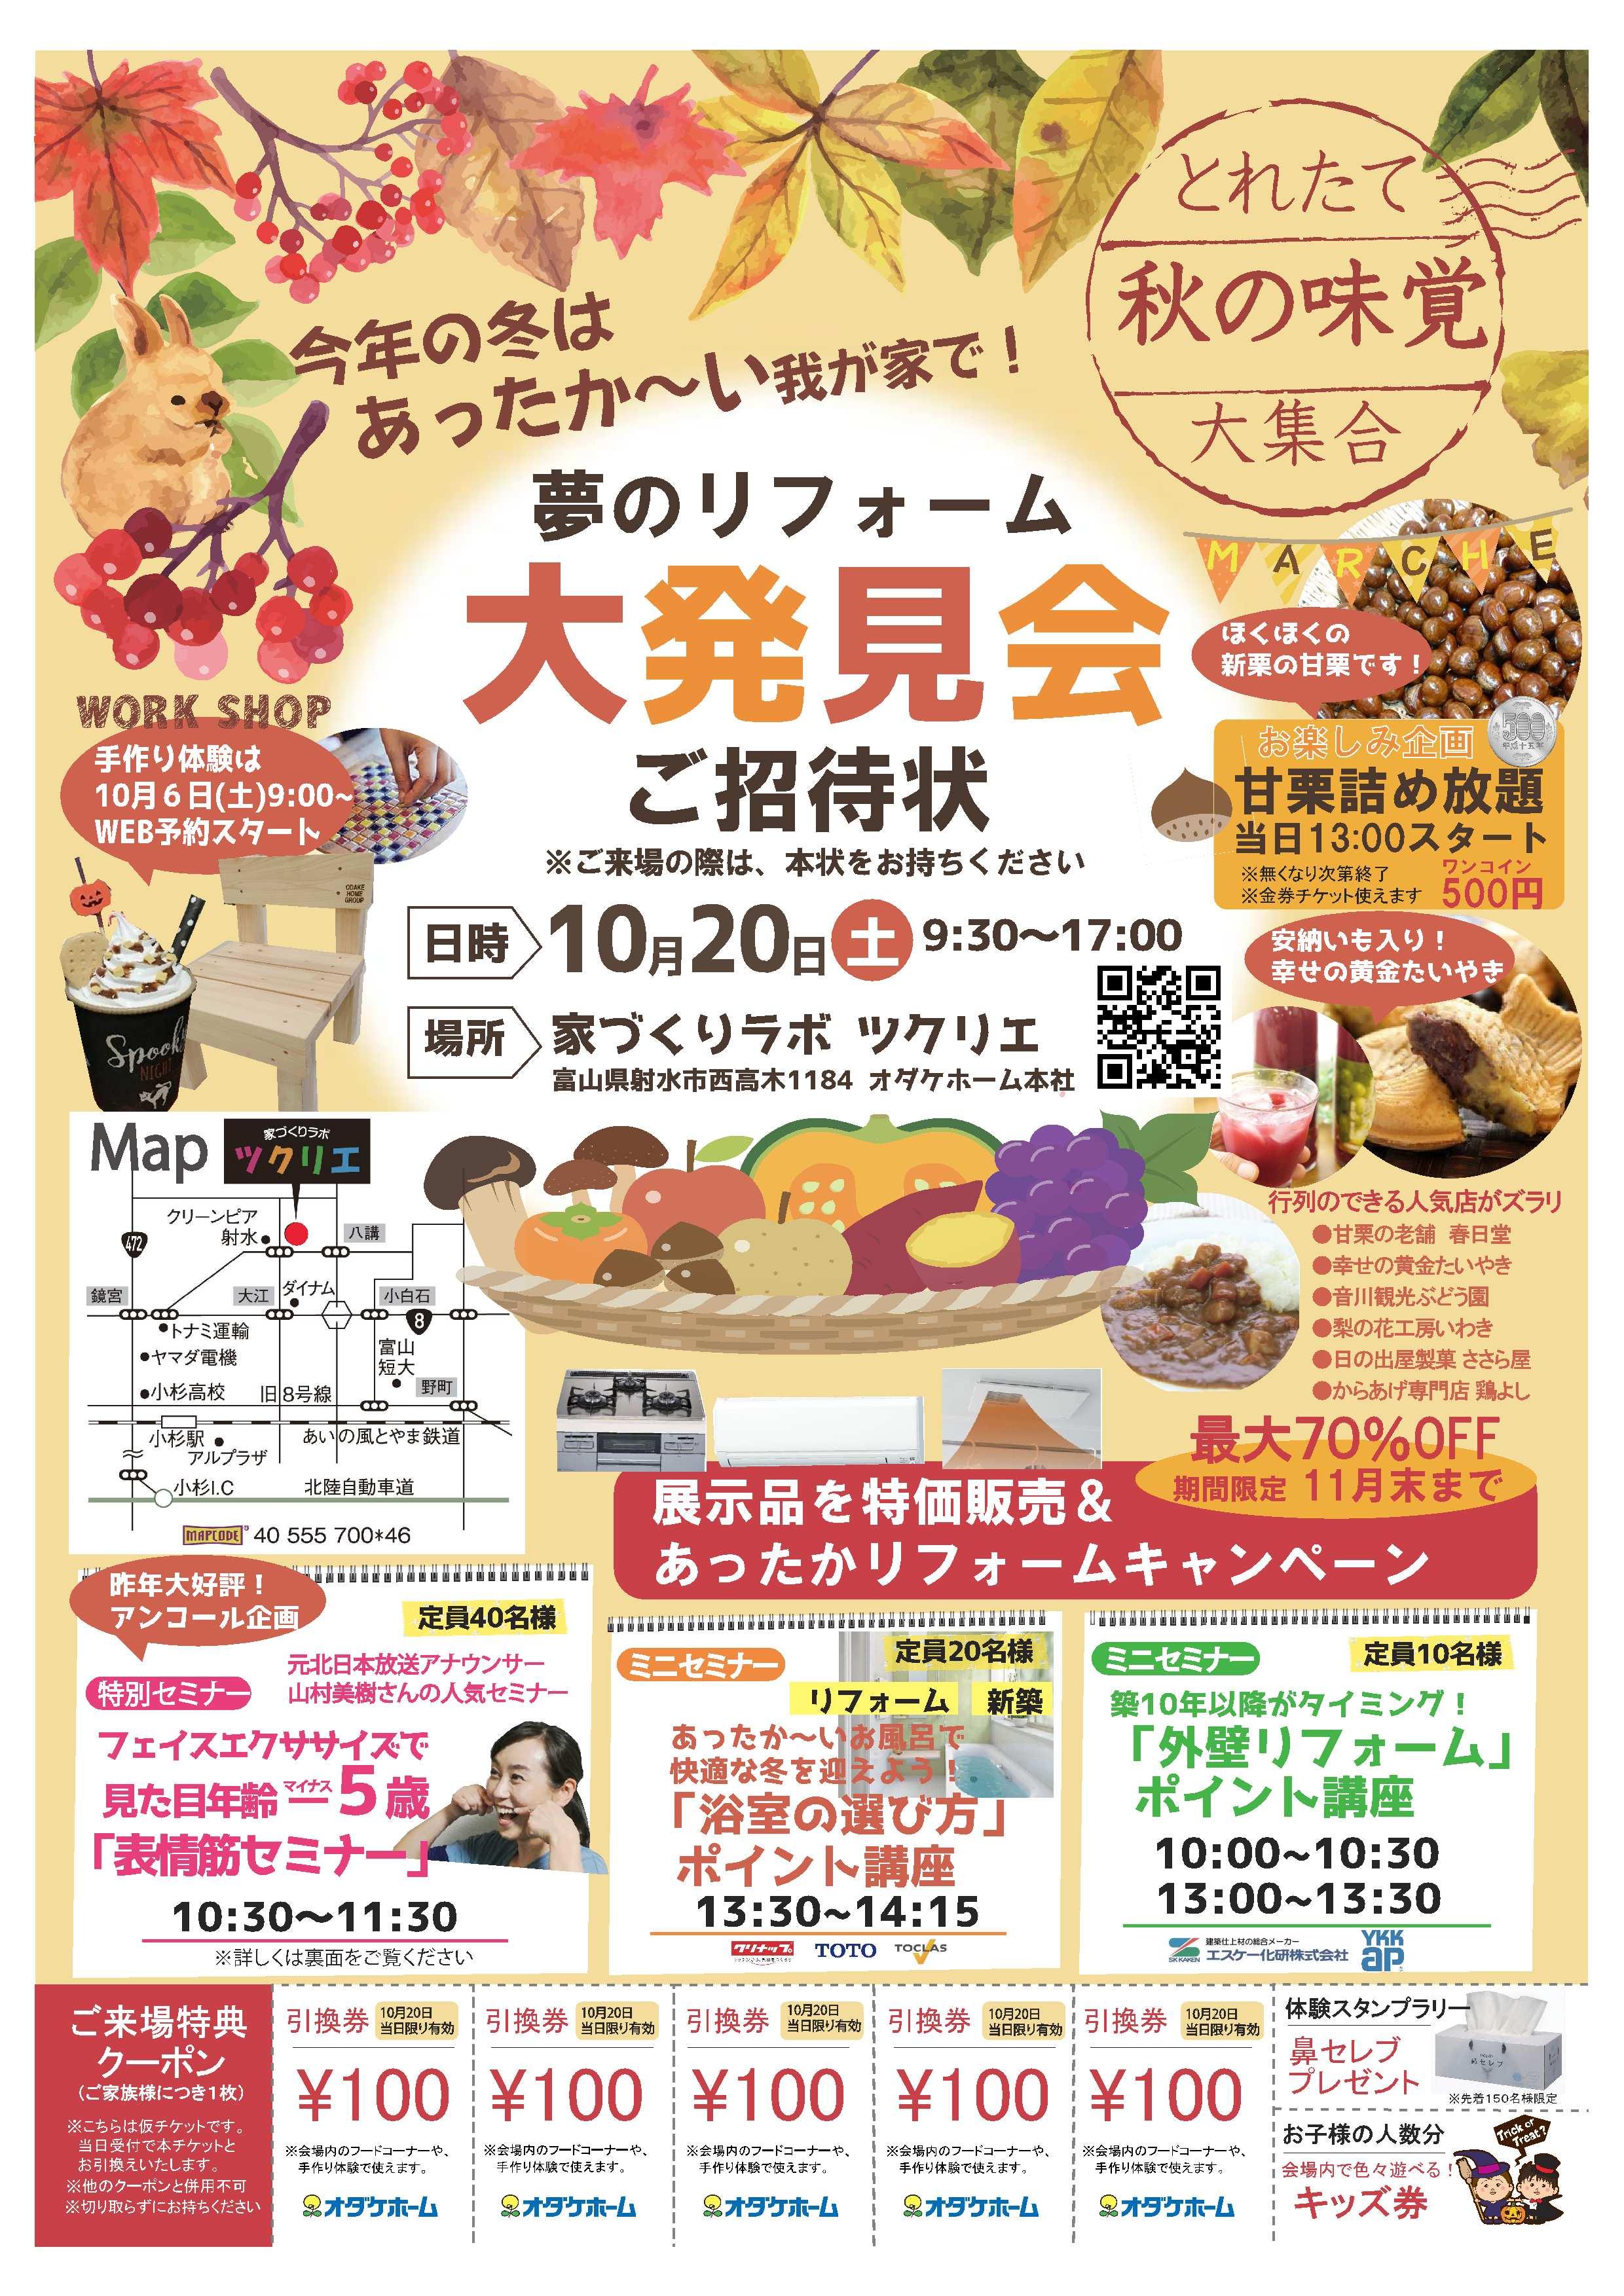 10/20(土)3ヶ月に1度のBIGイベント!夢のリフォーム大発見会